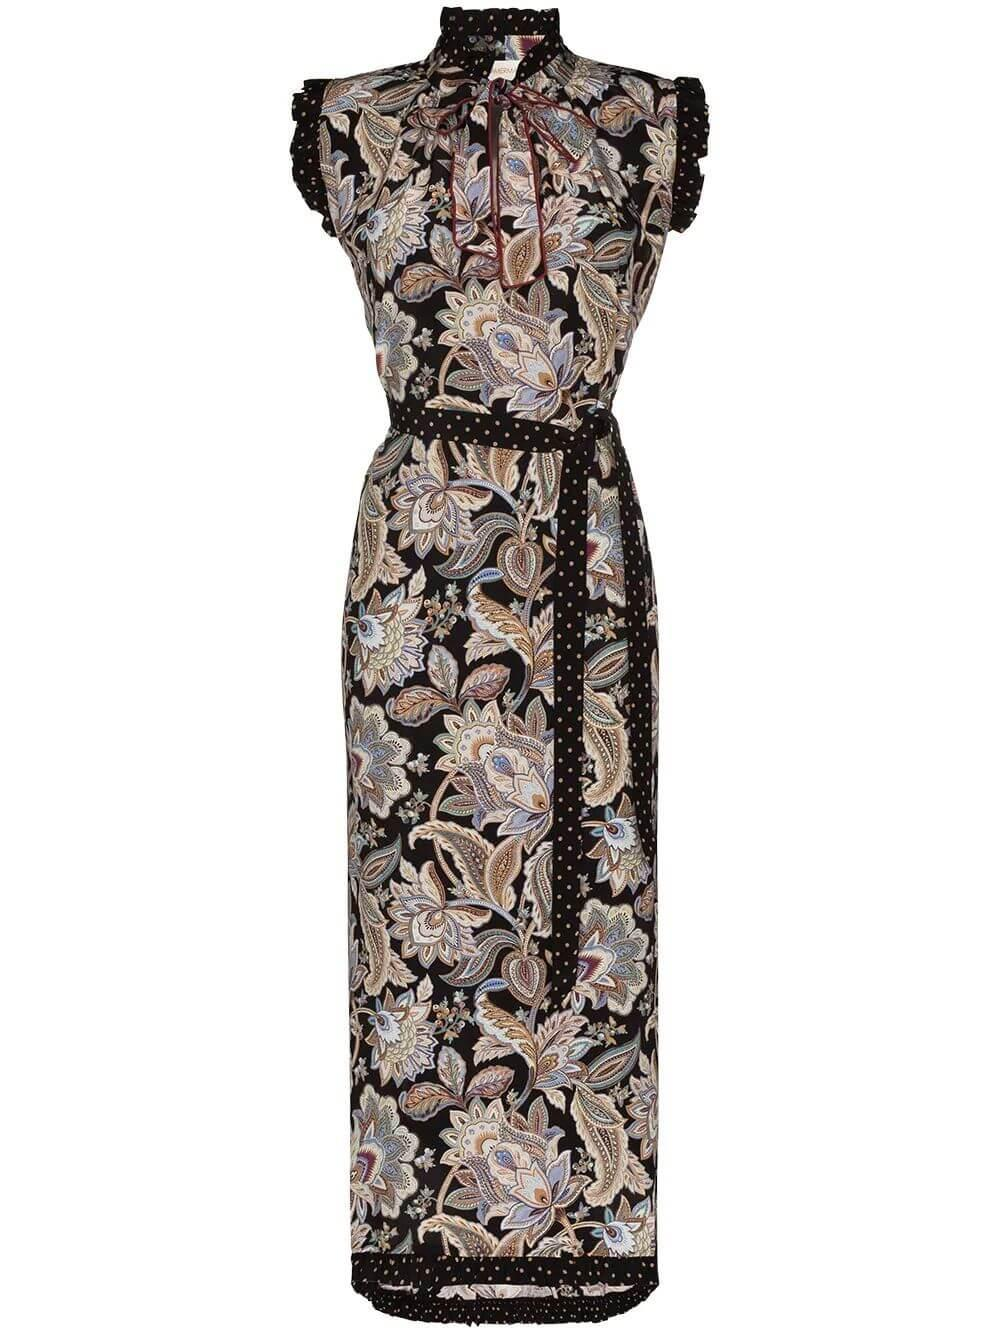 Ladybeetle Dress Item # 6704DLAD